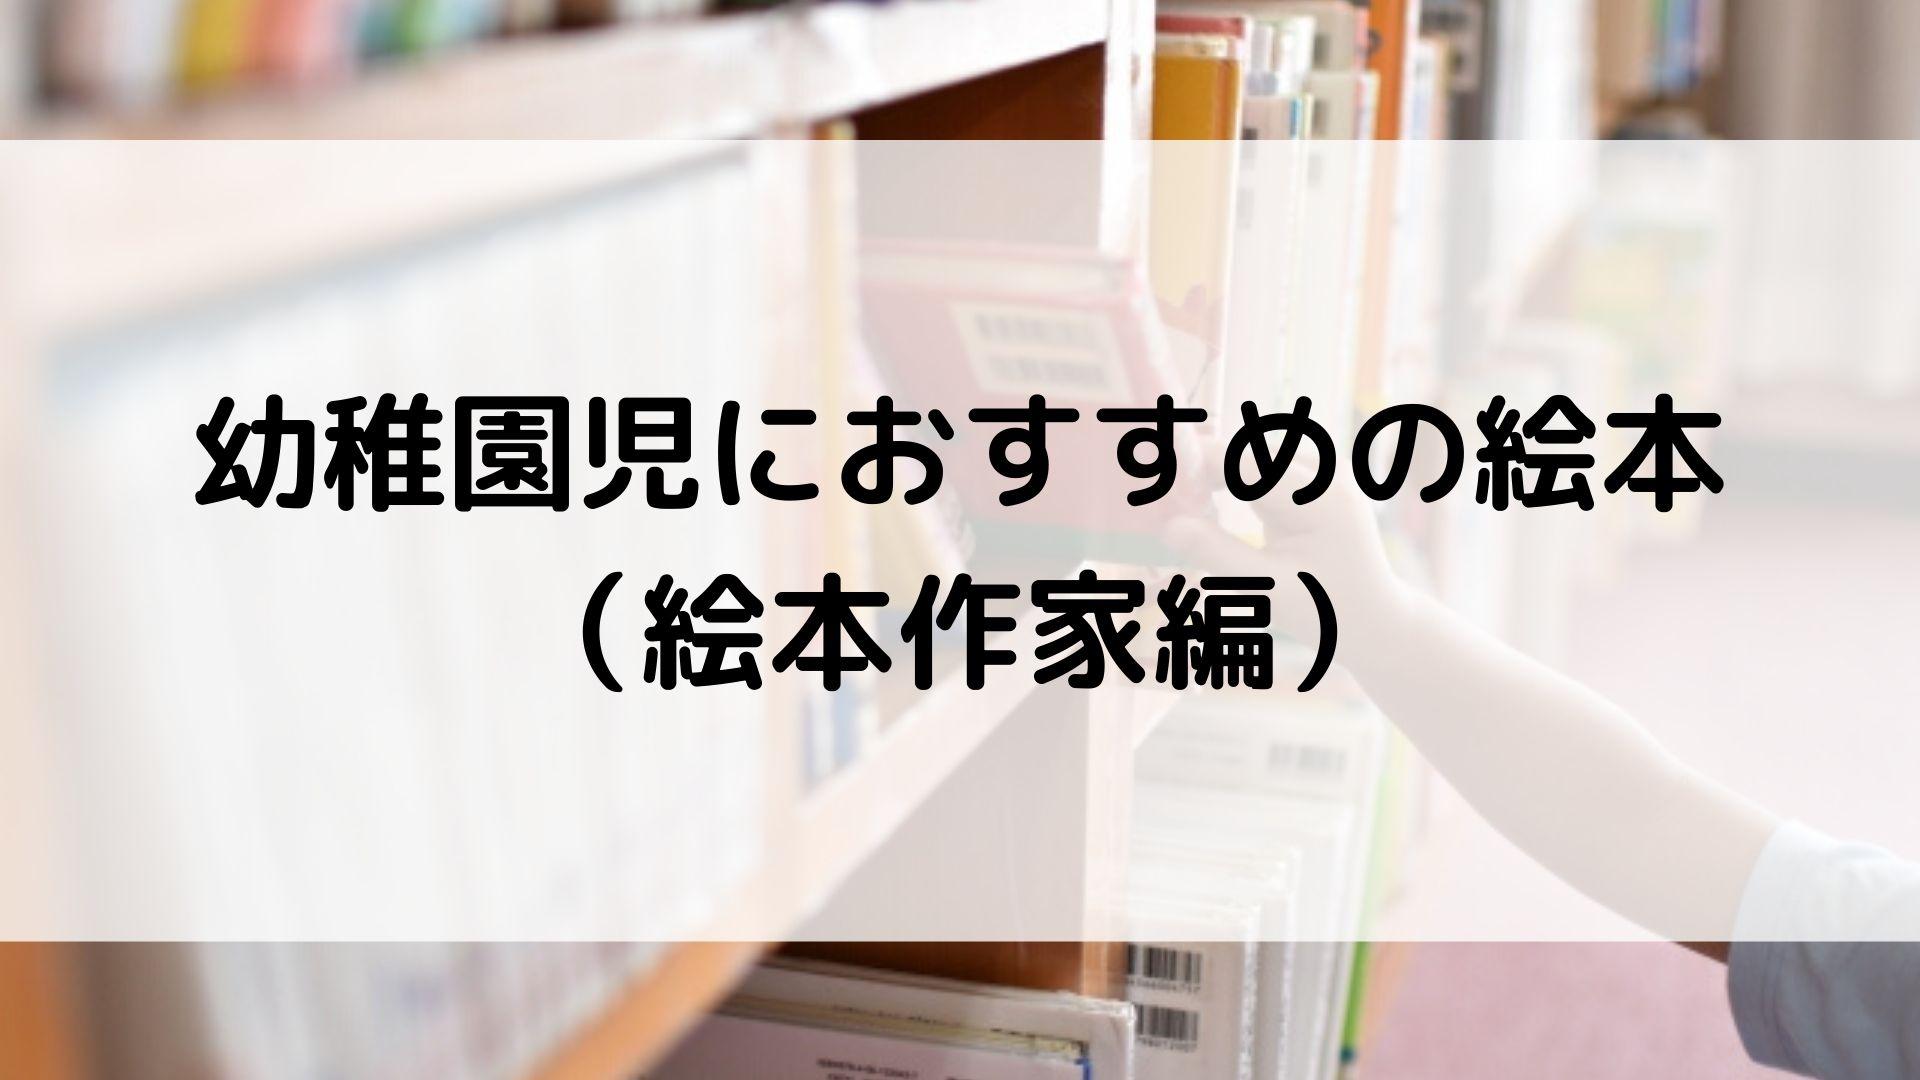 幼稚園児におすすめの絵本(絵本作家編)